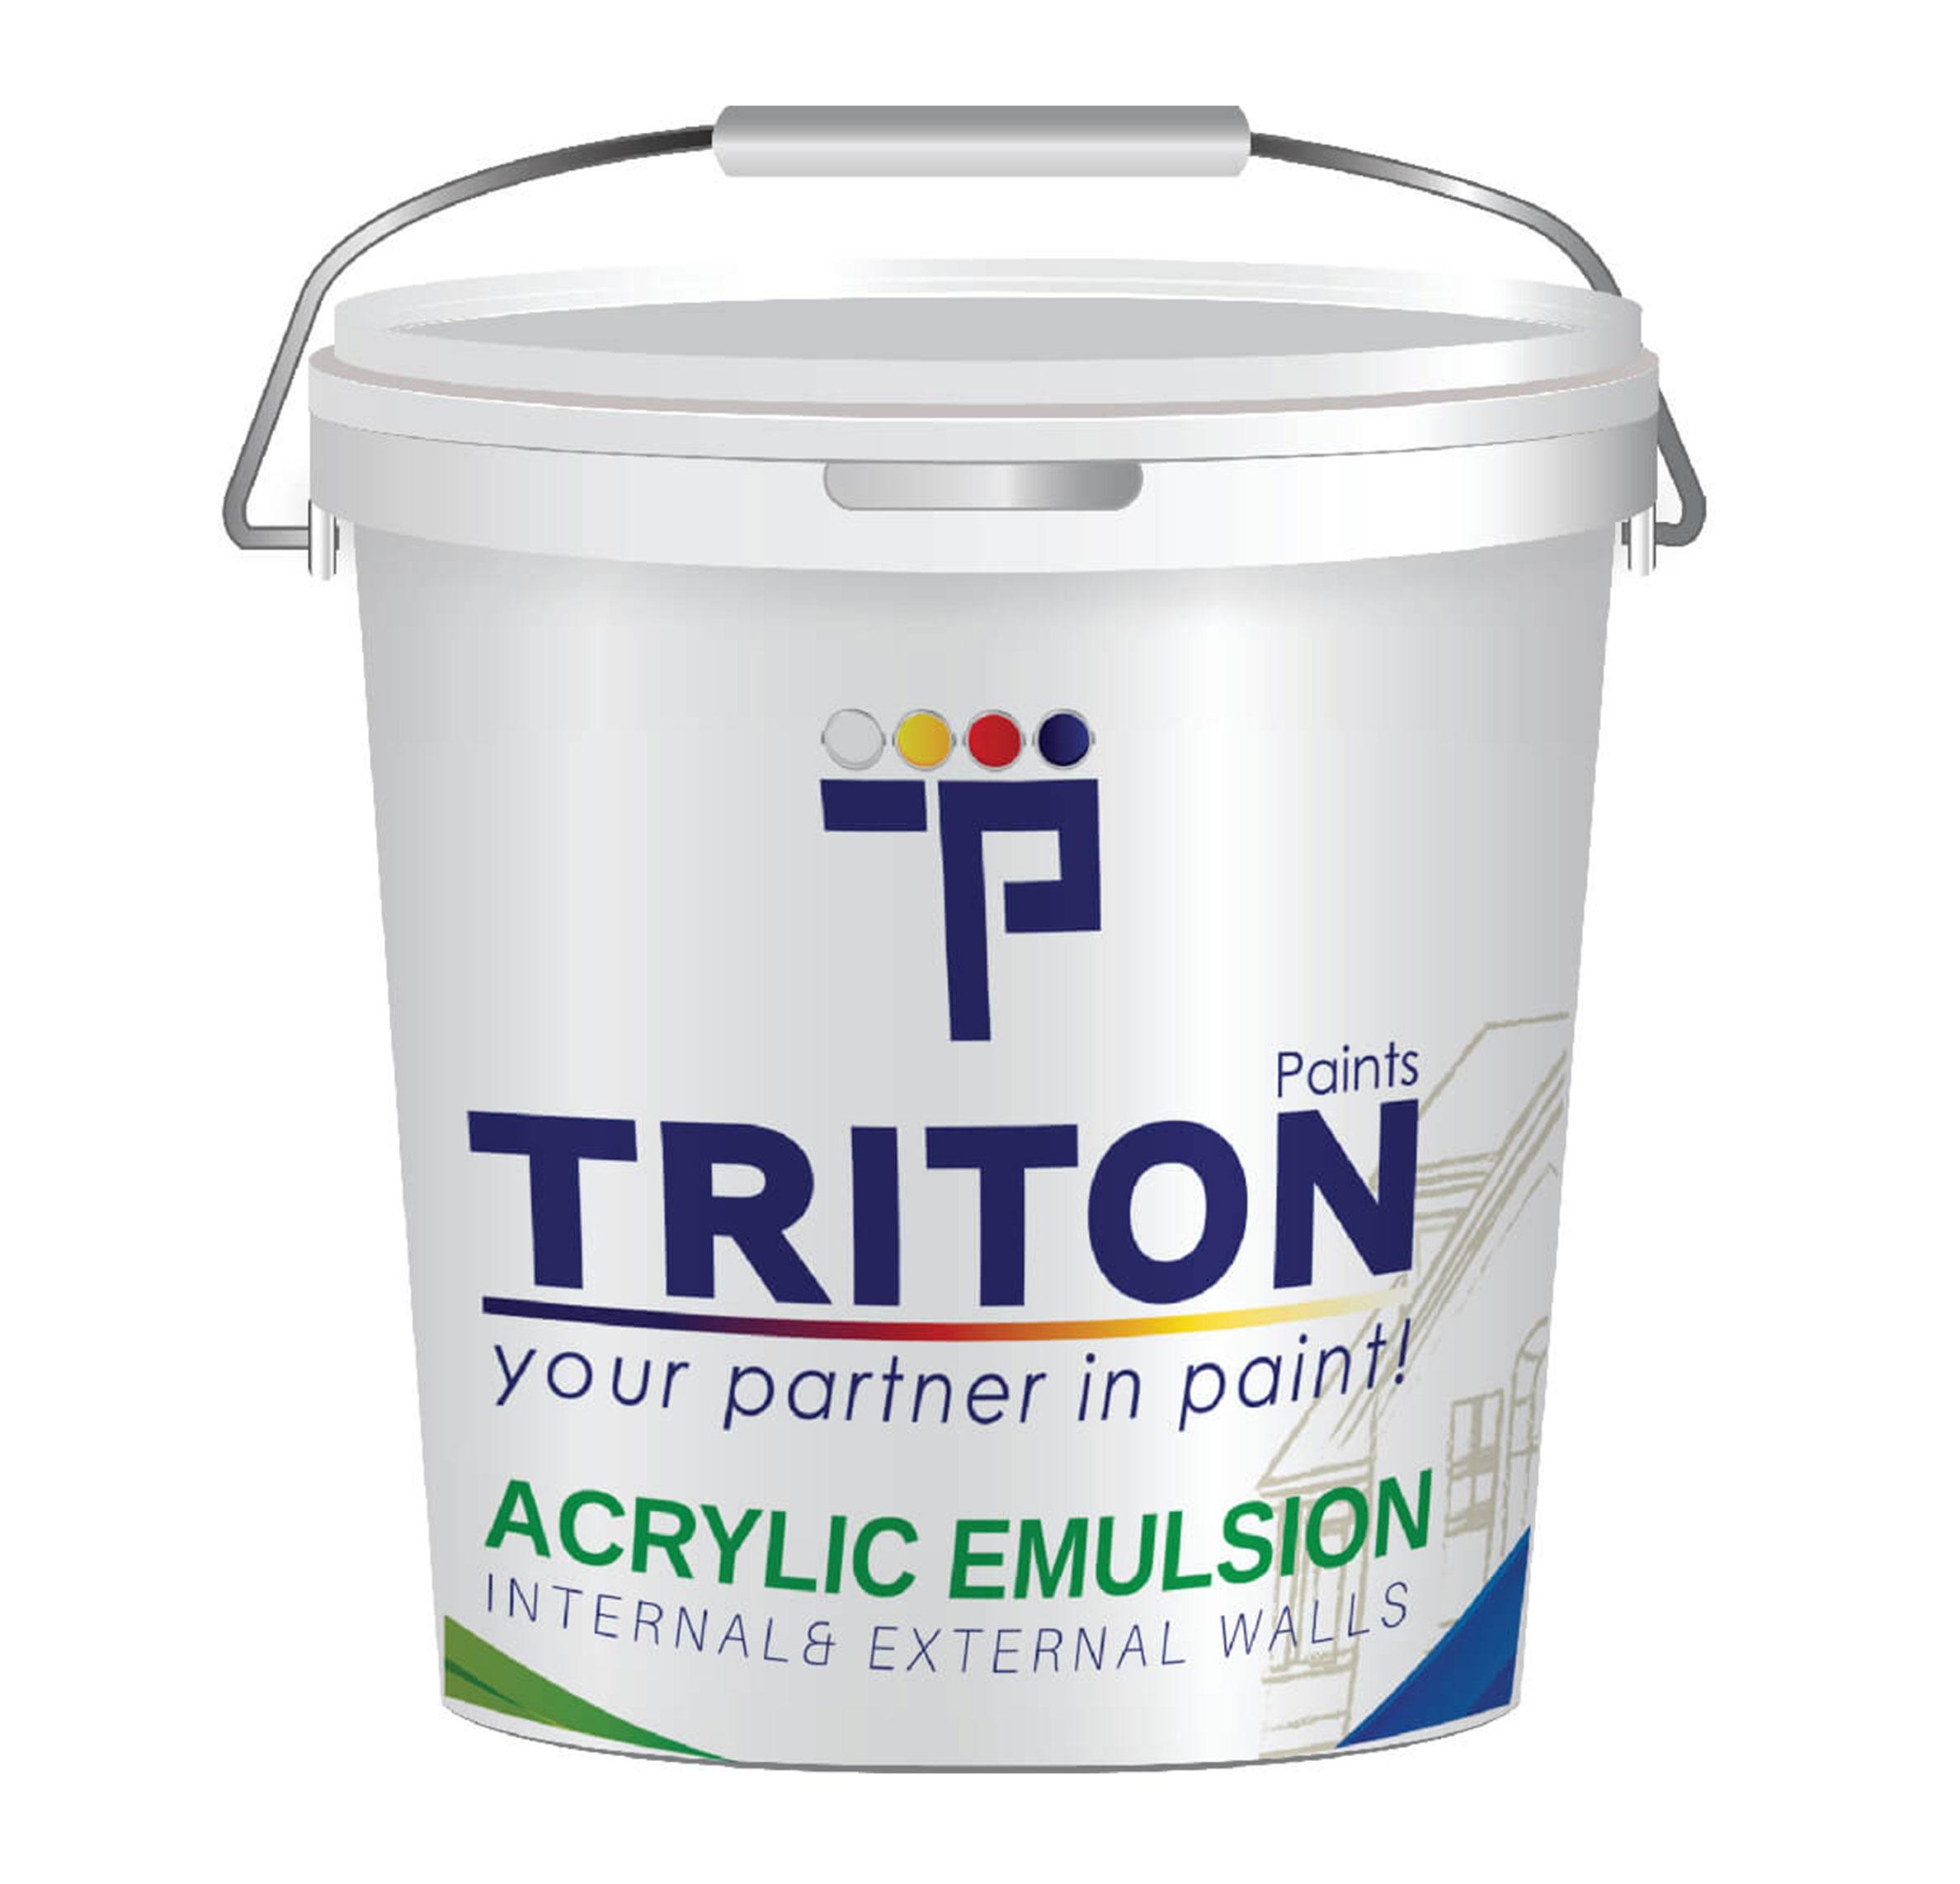 Acrylic flat emulsion